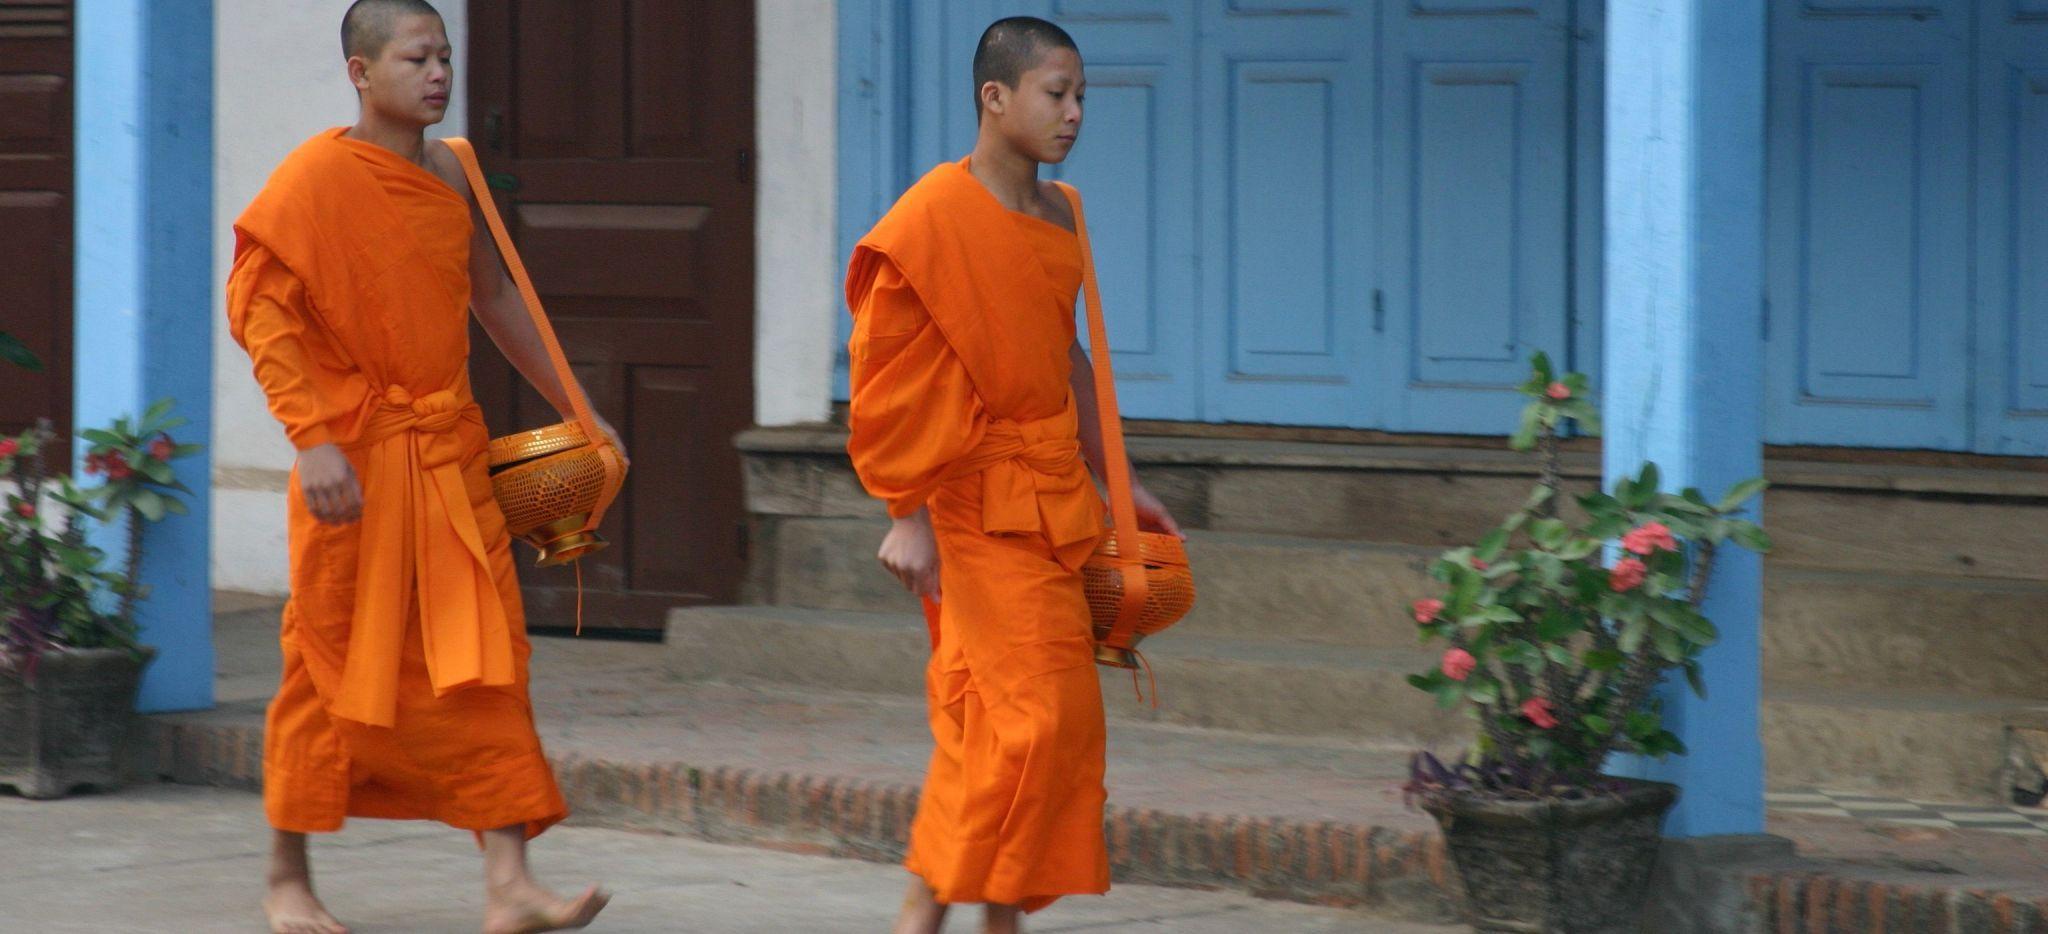 Zwei junge Buddhistische Mönche schreiten an einem blauen Haus vorbei, Laos